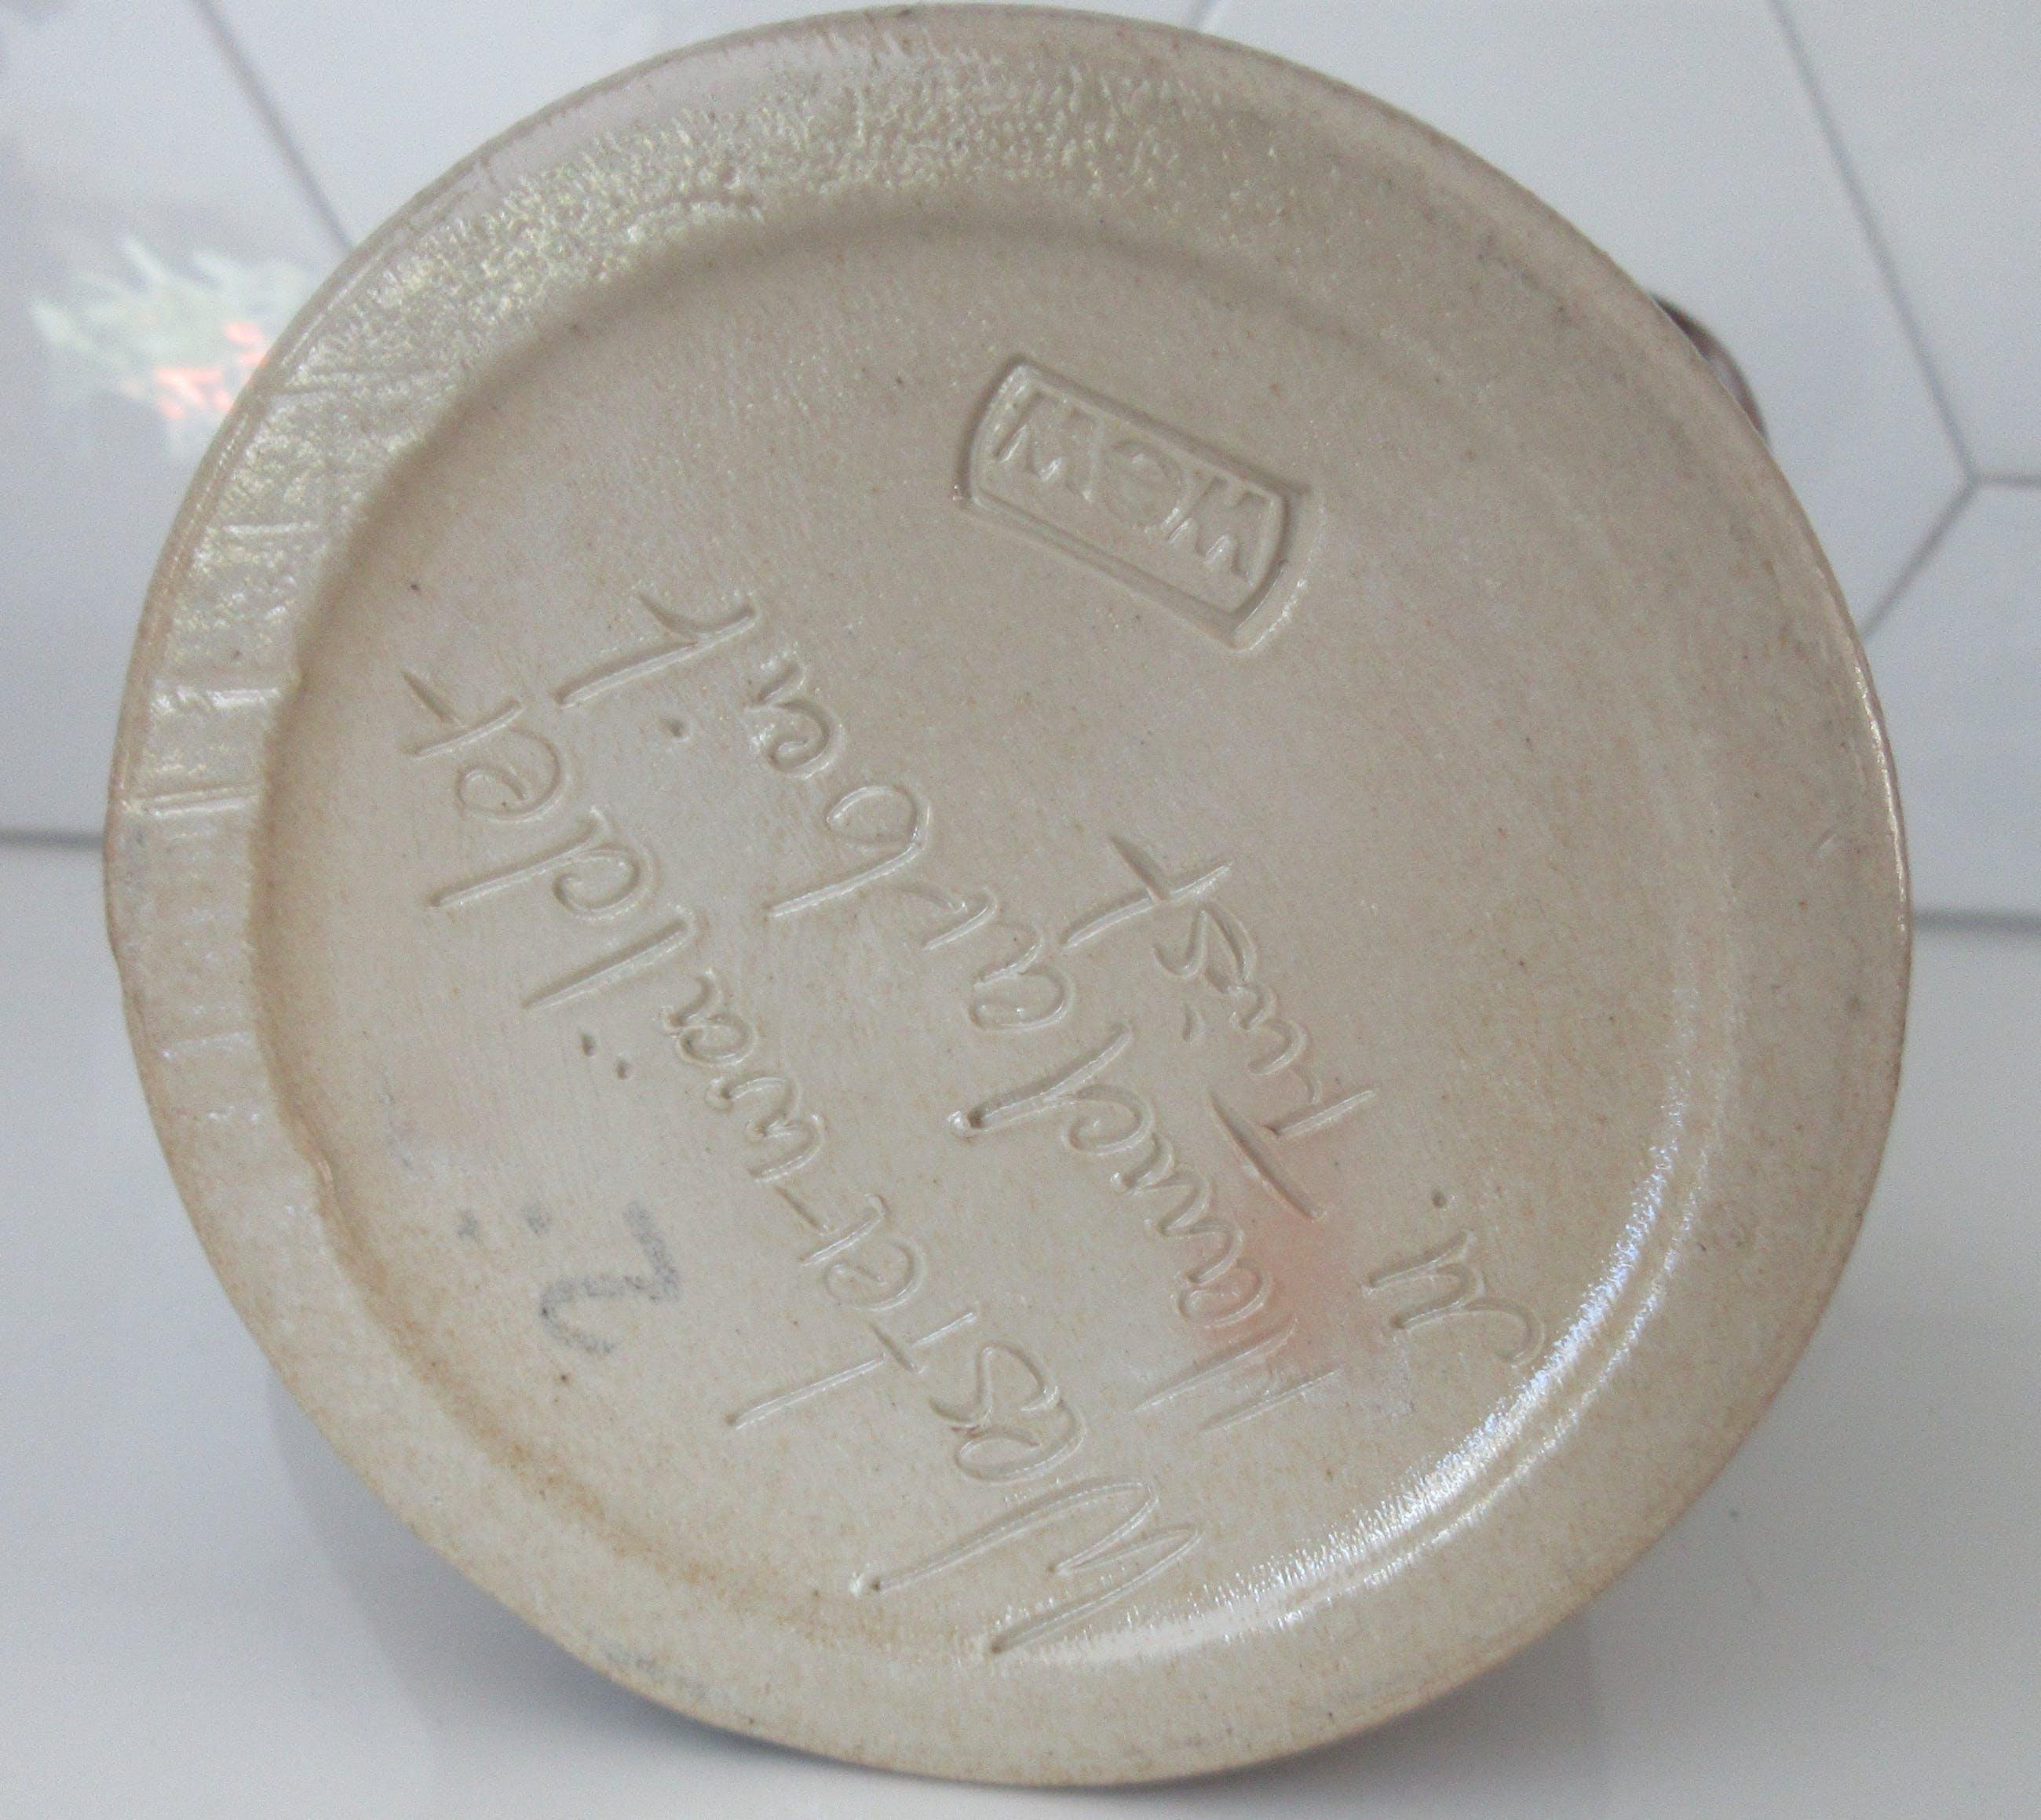 Niet of onleesbaar gesigneerd - Westerwalder steengoed waterkan - M. Twist kopen? Bied vanaf 1!